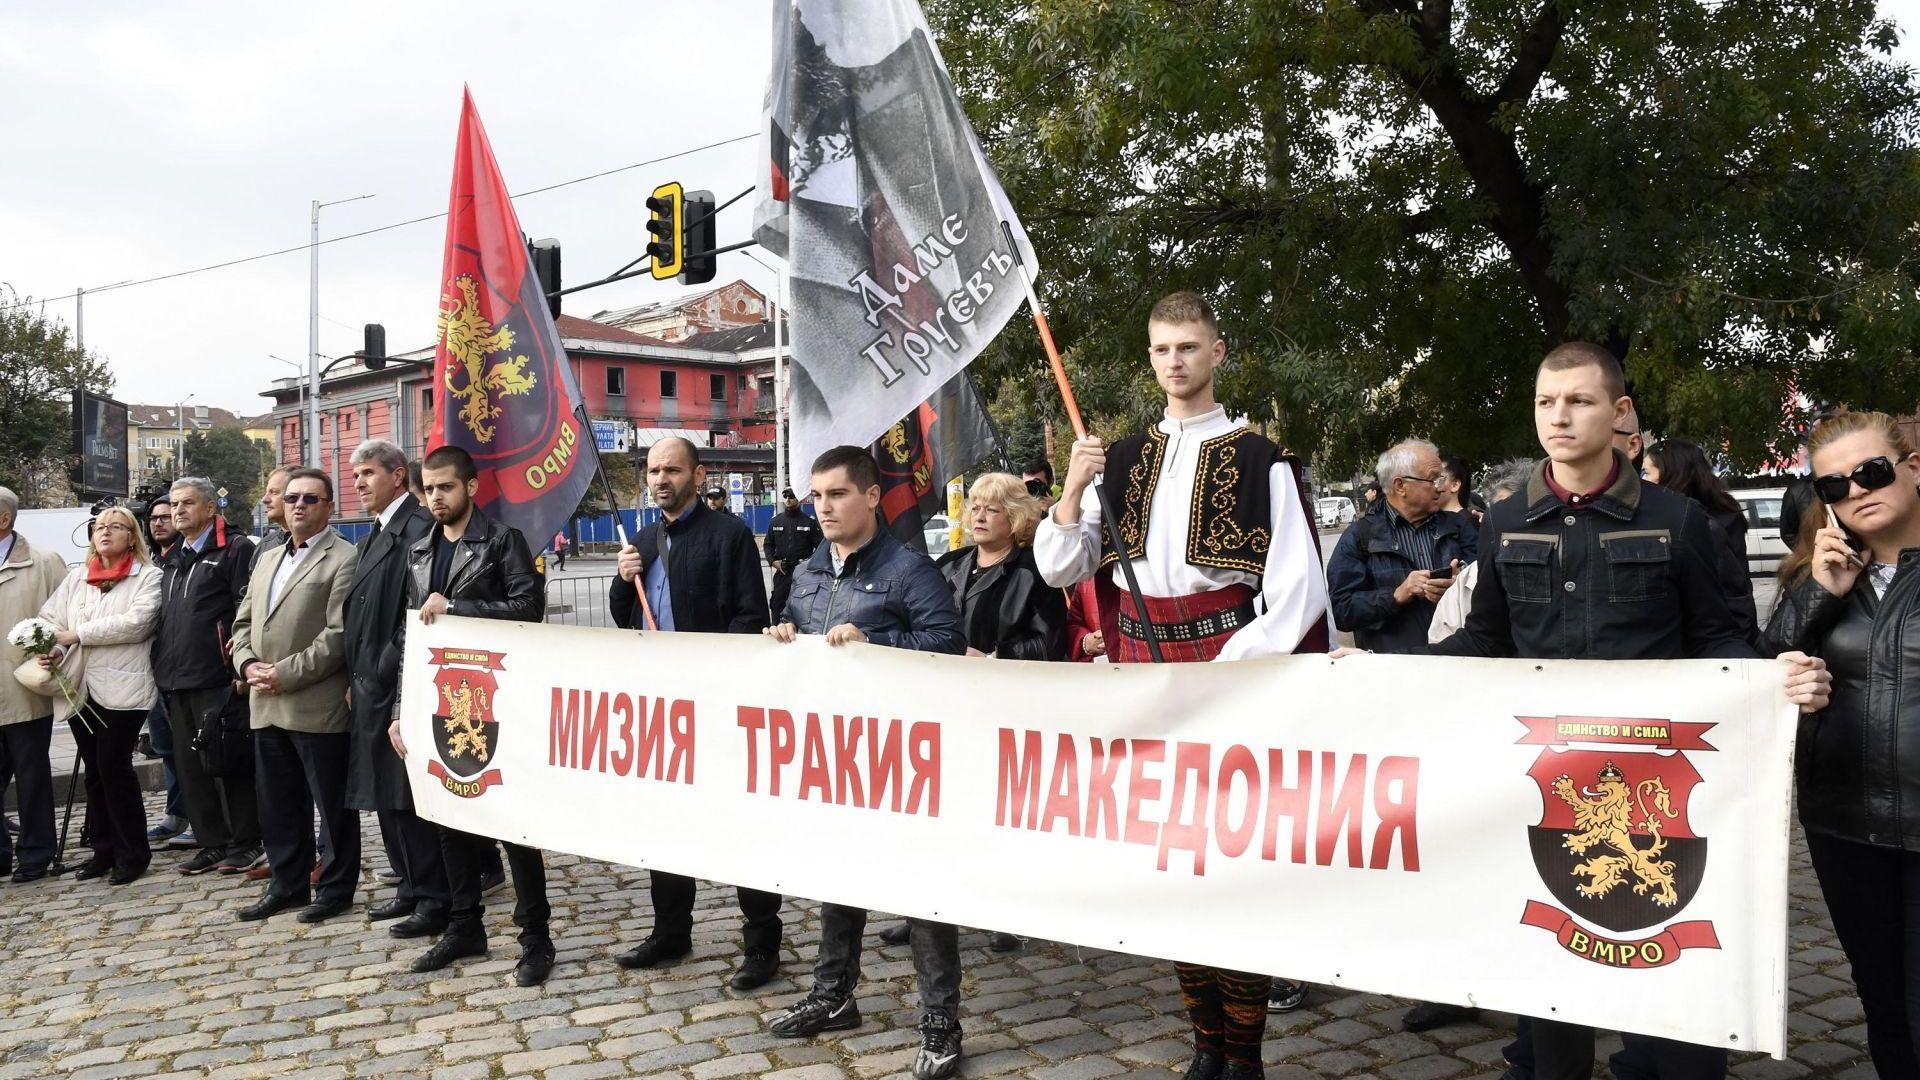 """ВМРО съзря """"нова джендър и промиграционна пропаганда"""""""